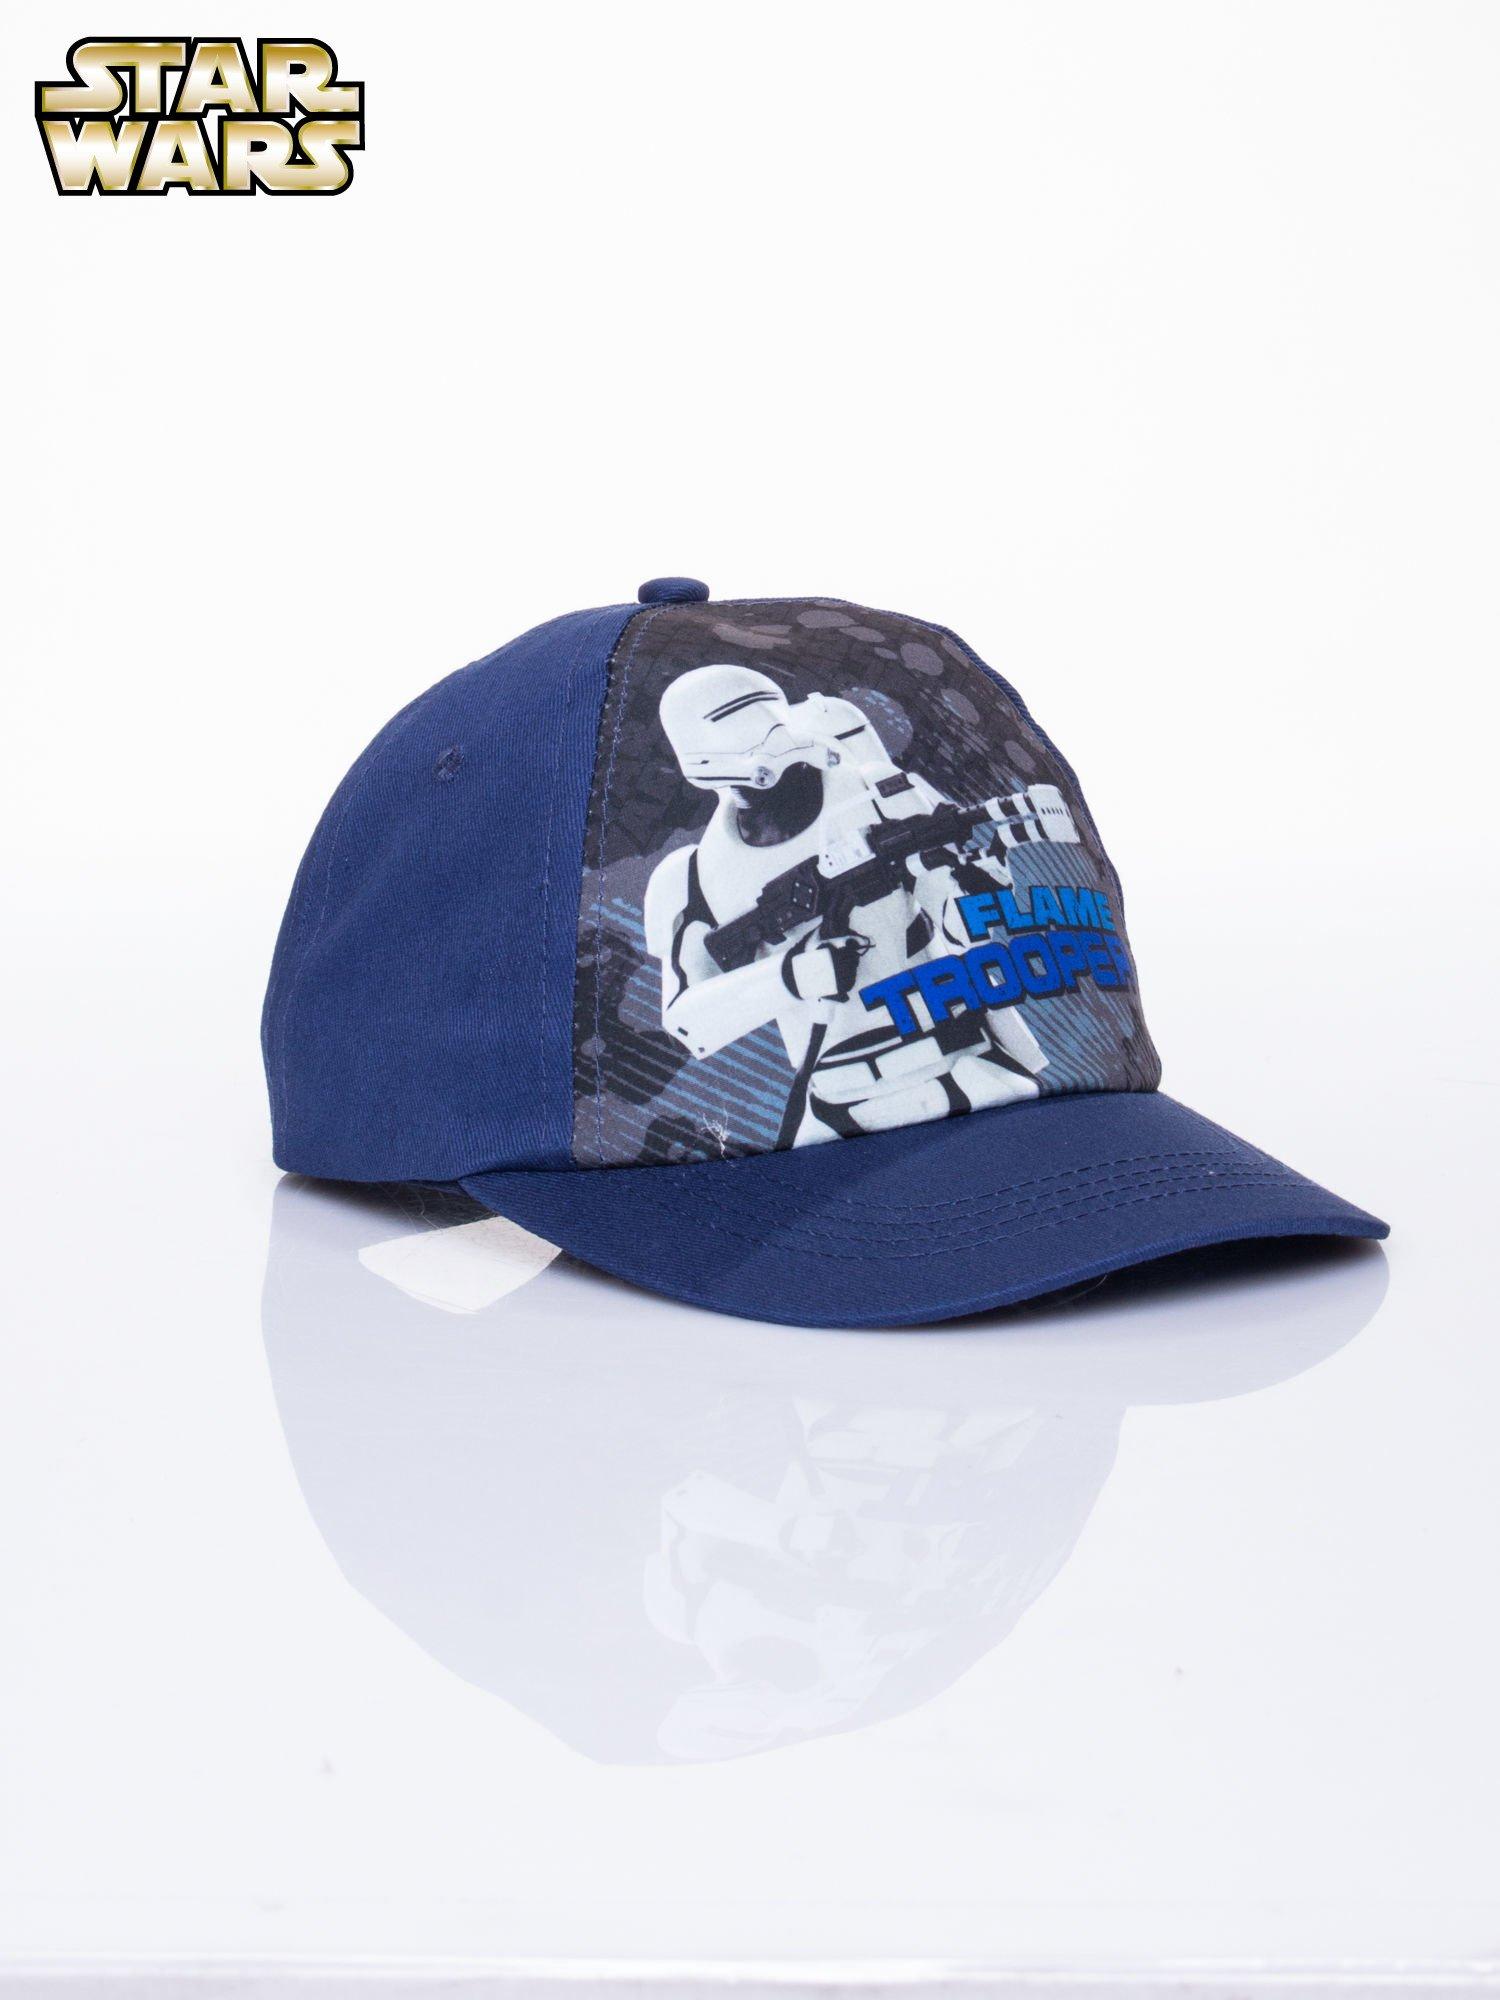 Granatowa chłopięca czapka z daszkiem STAR WARS                                  zdj.                                  2